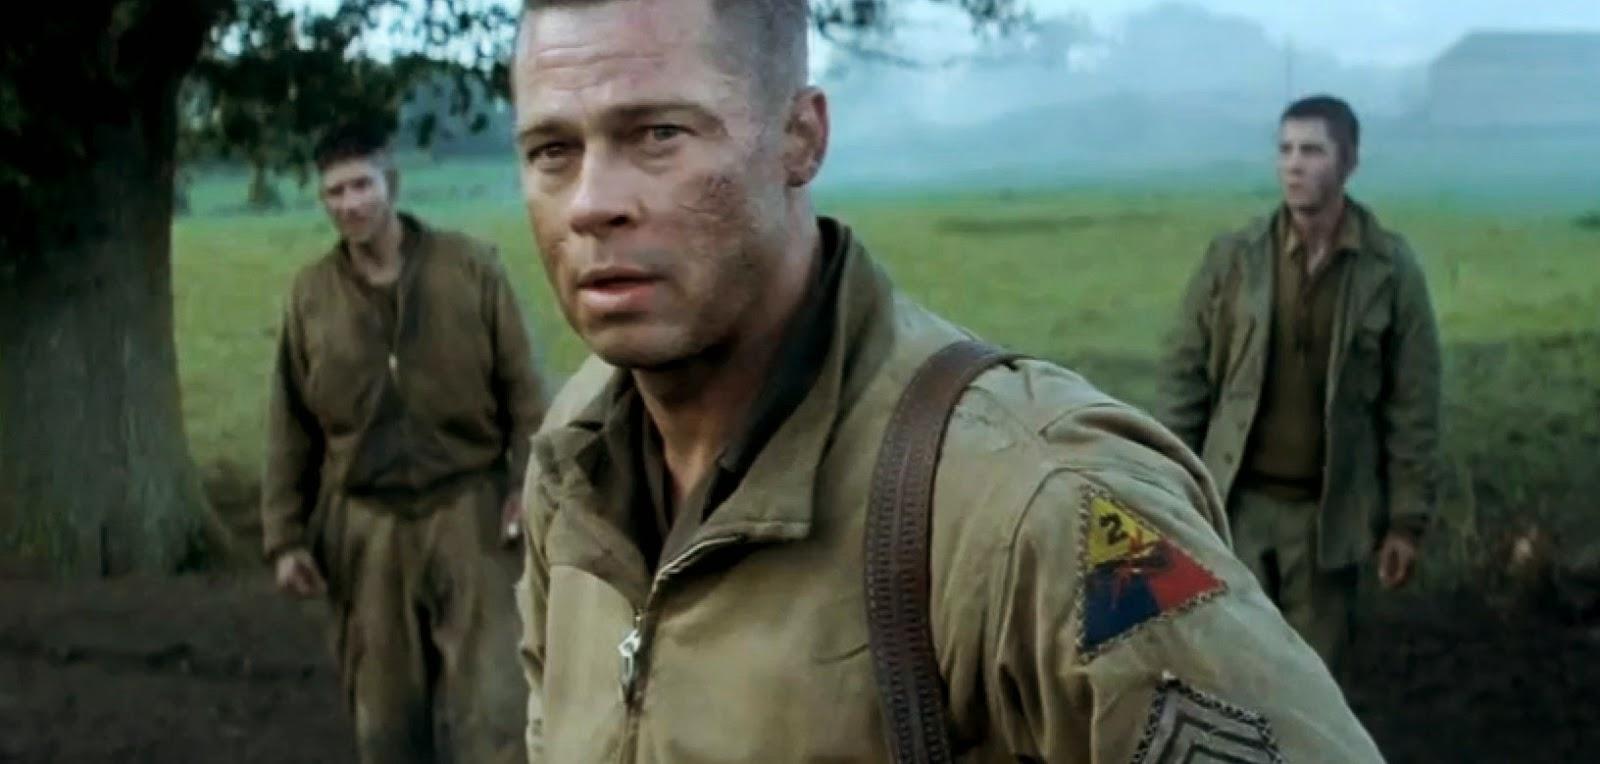 Mais ação no segundo trailer legendado de Corações de Ferro, com Brad Pitt, Logan Lerman e Shia LaBeouf